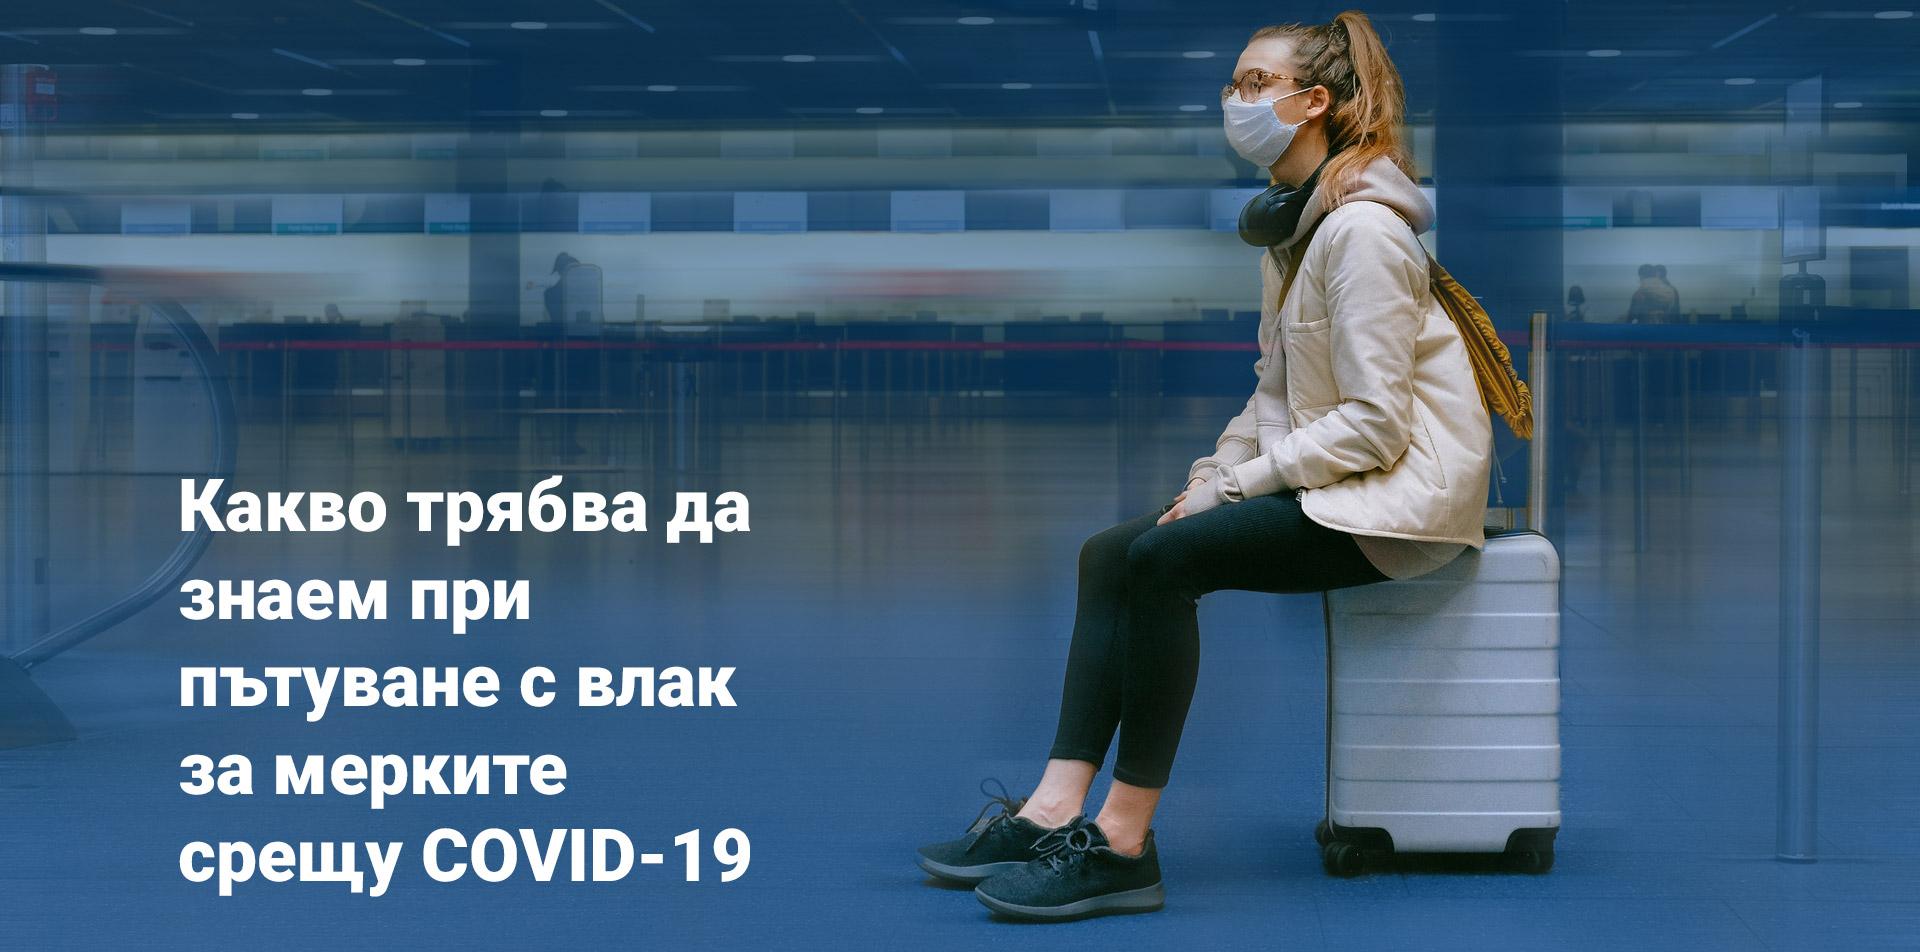 Какво трябва да знаем при пътуване с влак за мерките срещу COVID-19